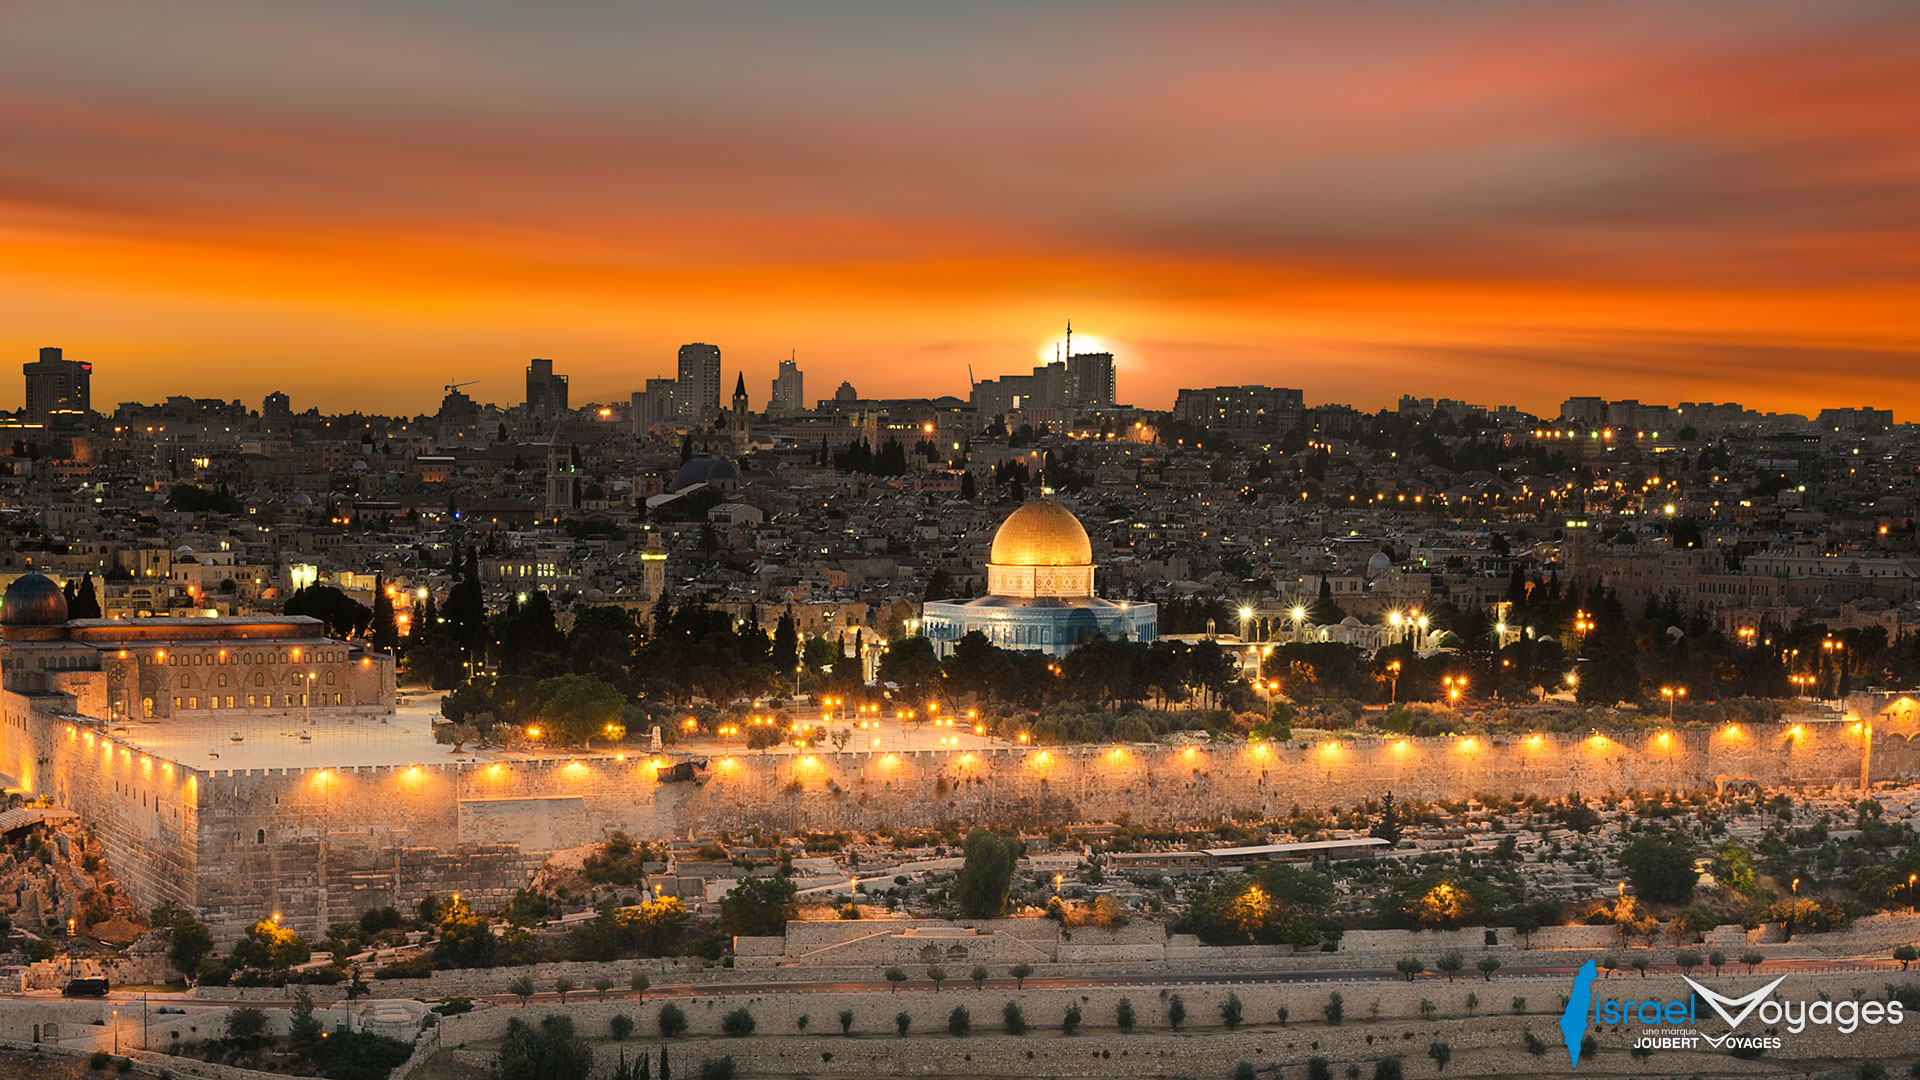 Vue panoramique de Jérusalem